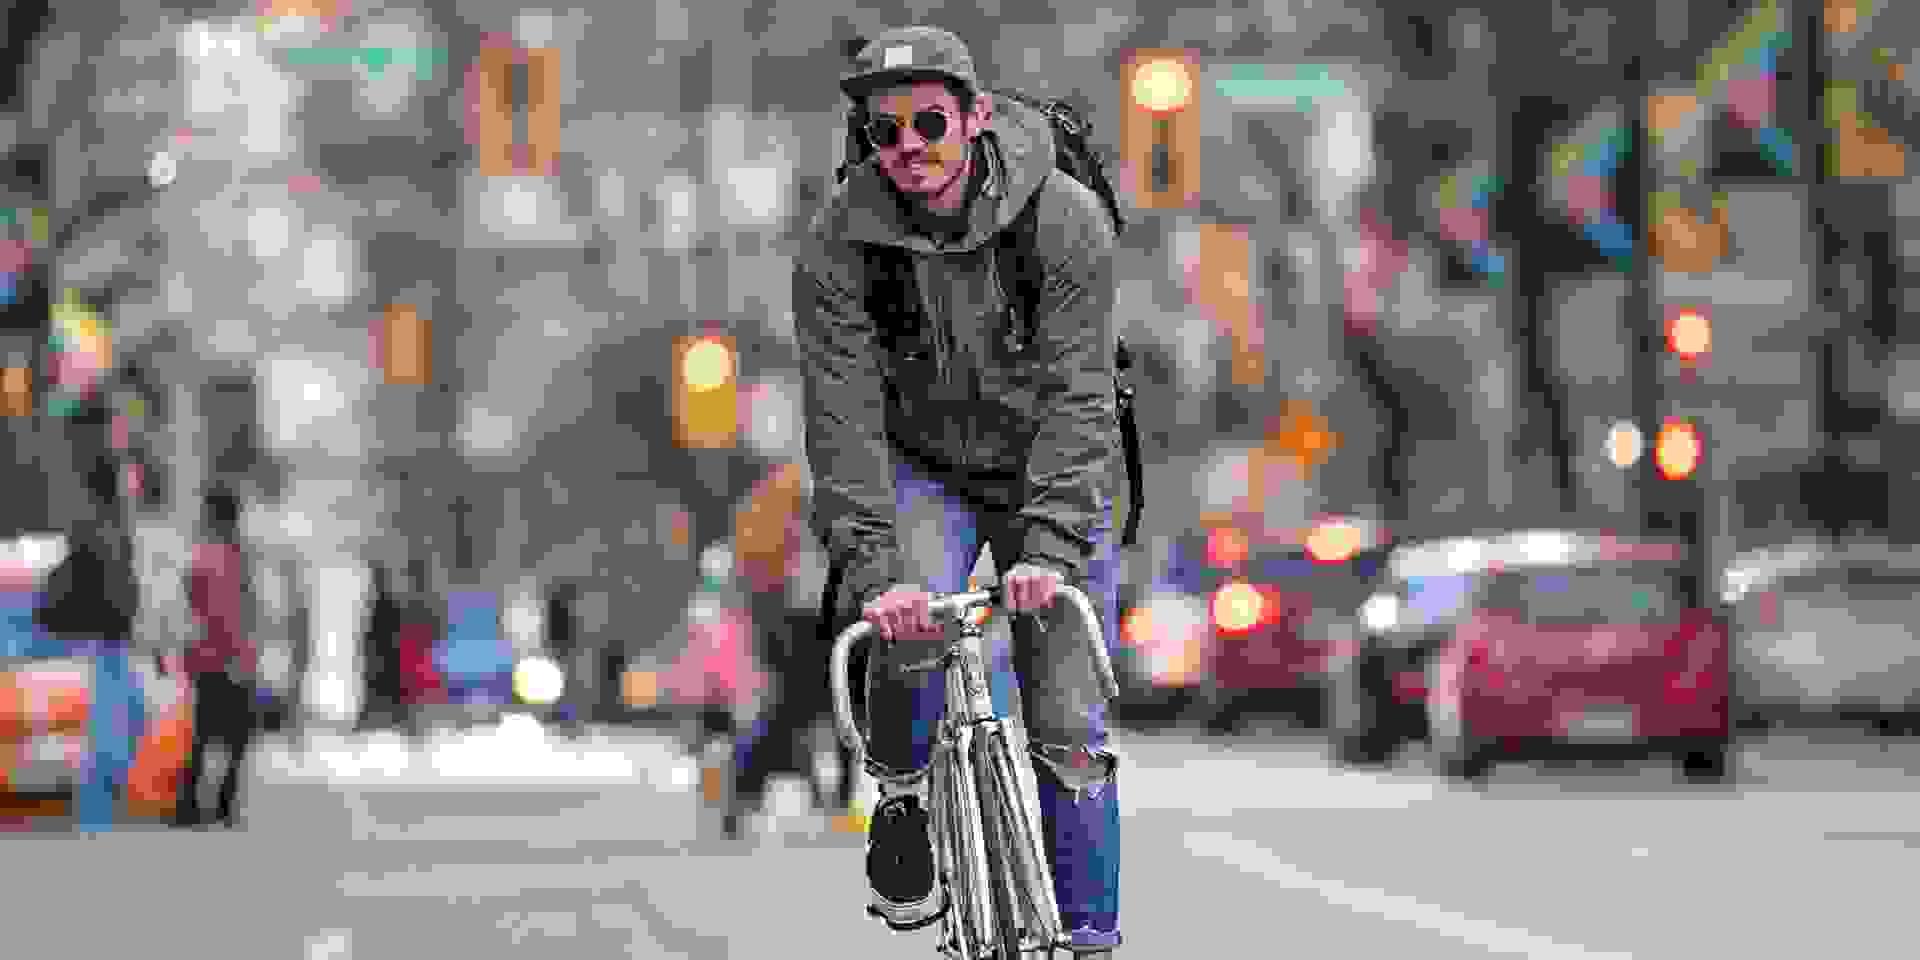 Commuting - Mit dem Rad zur Arbeit